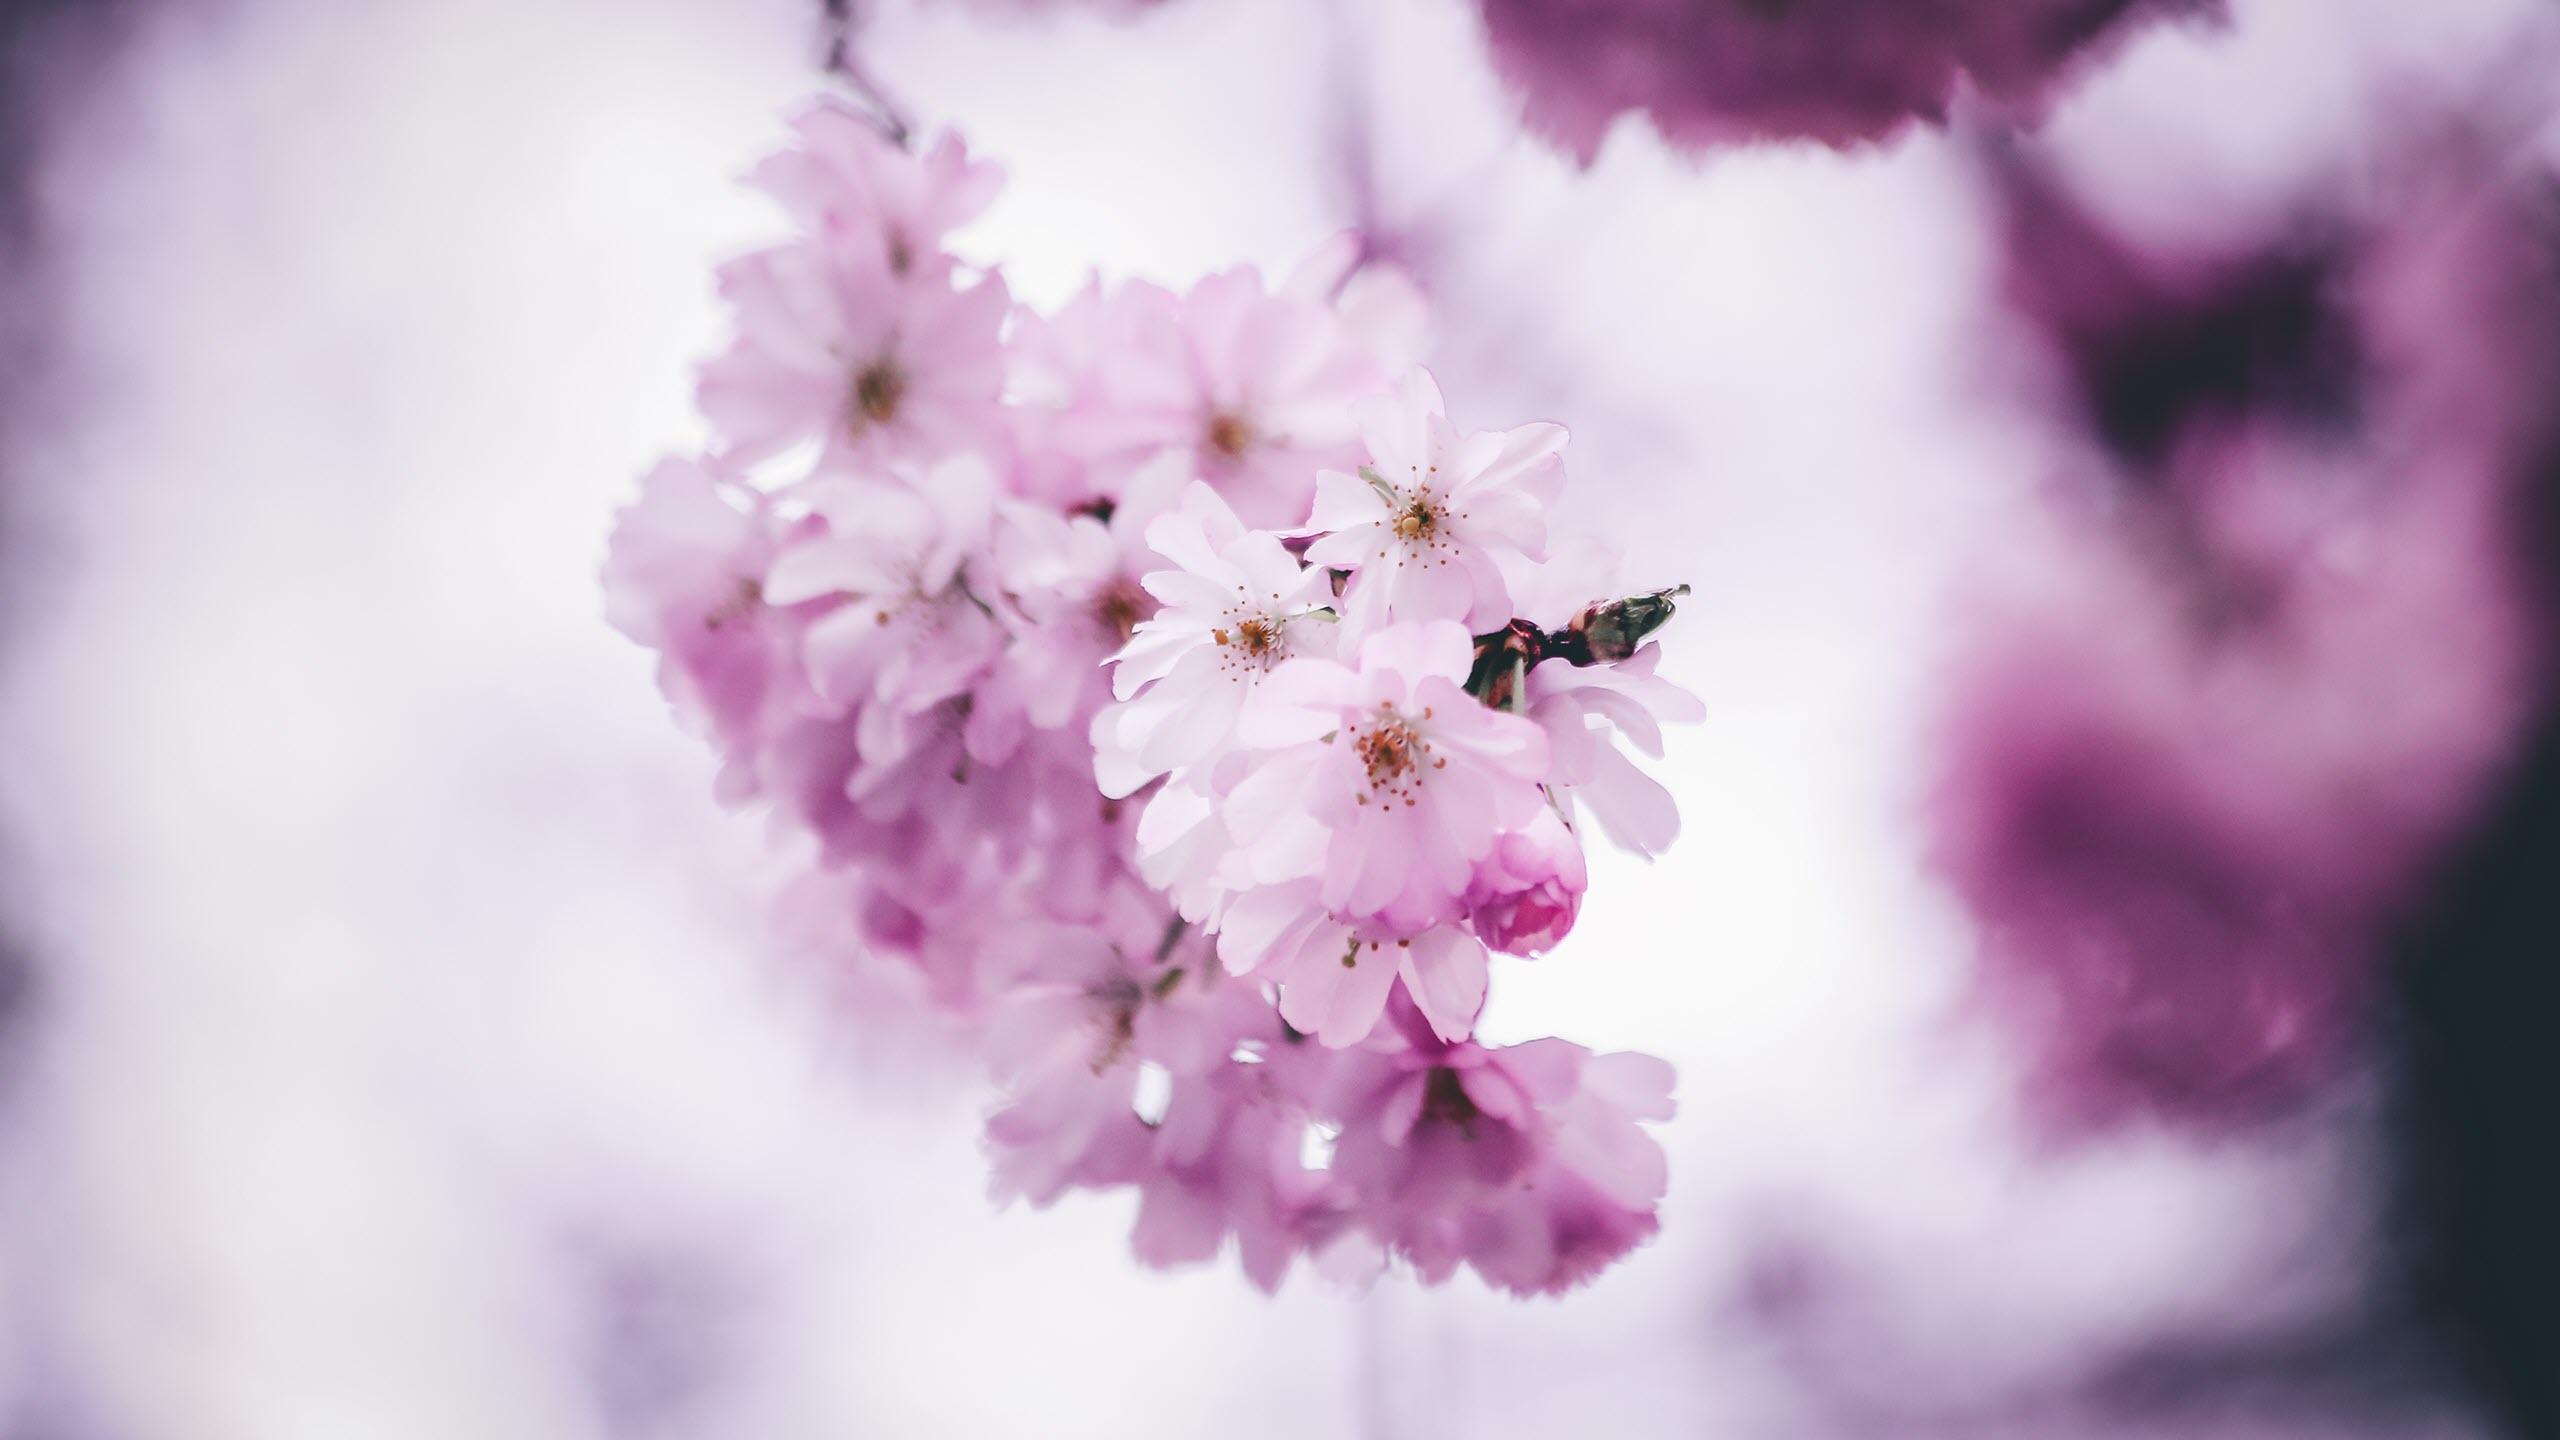 Hình nền hoa đào mùa xuân đẹp